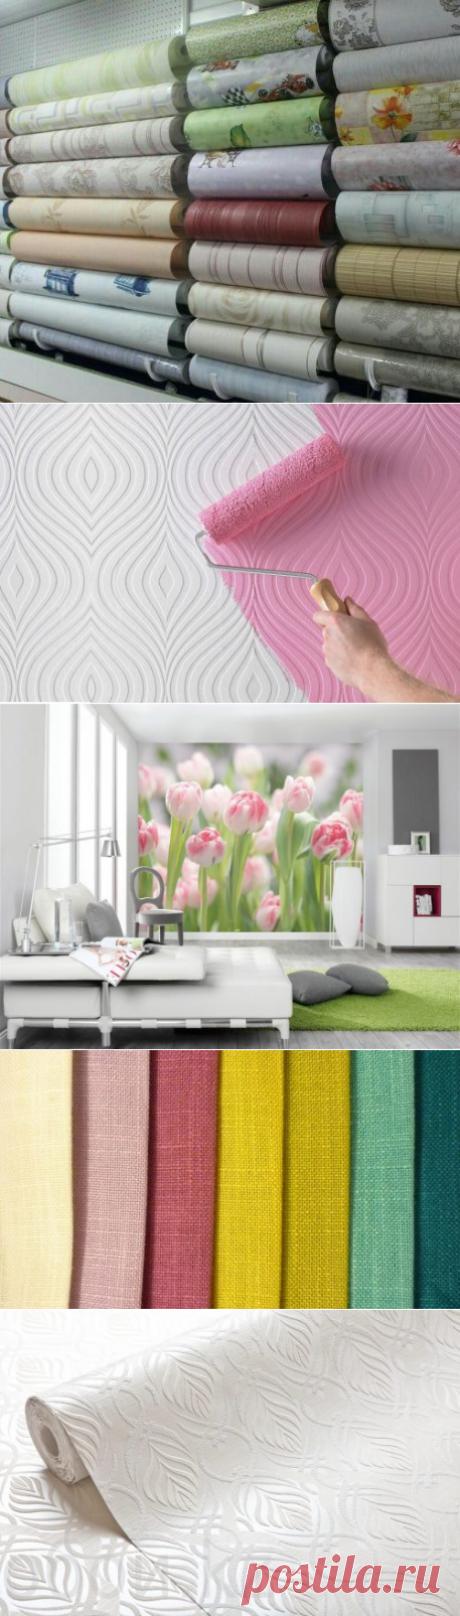 Виды обоев для отделки стен, их свойства, характеристики